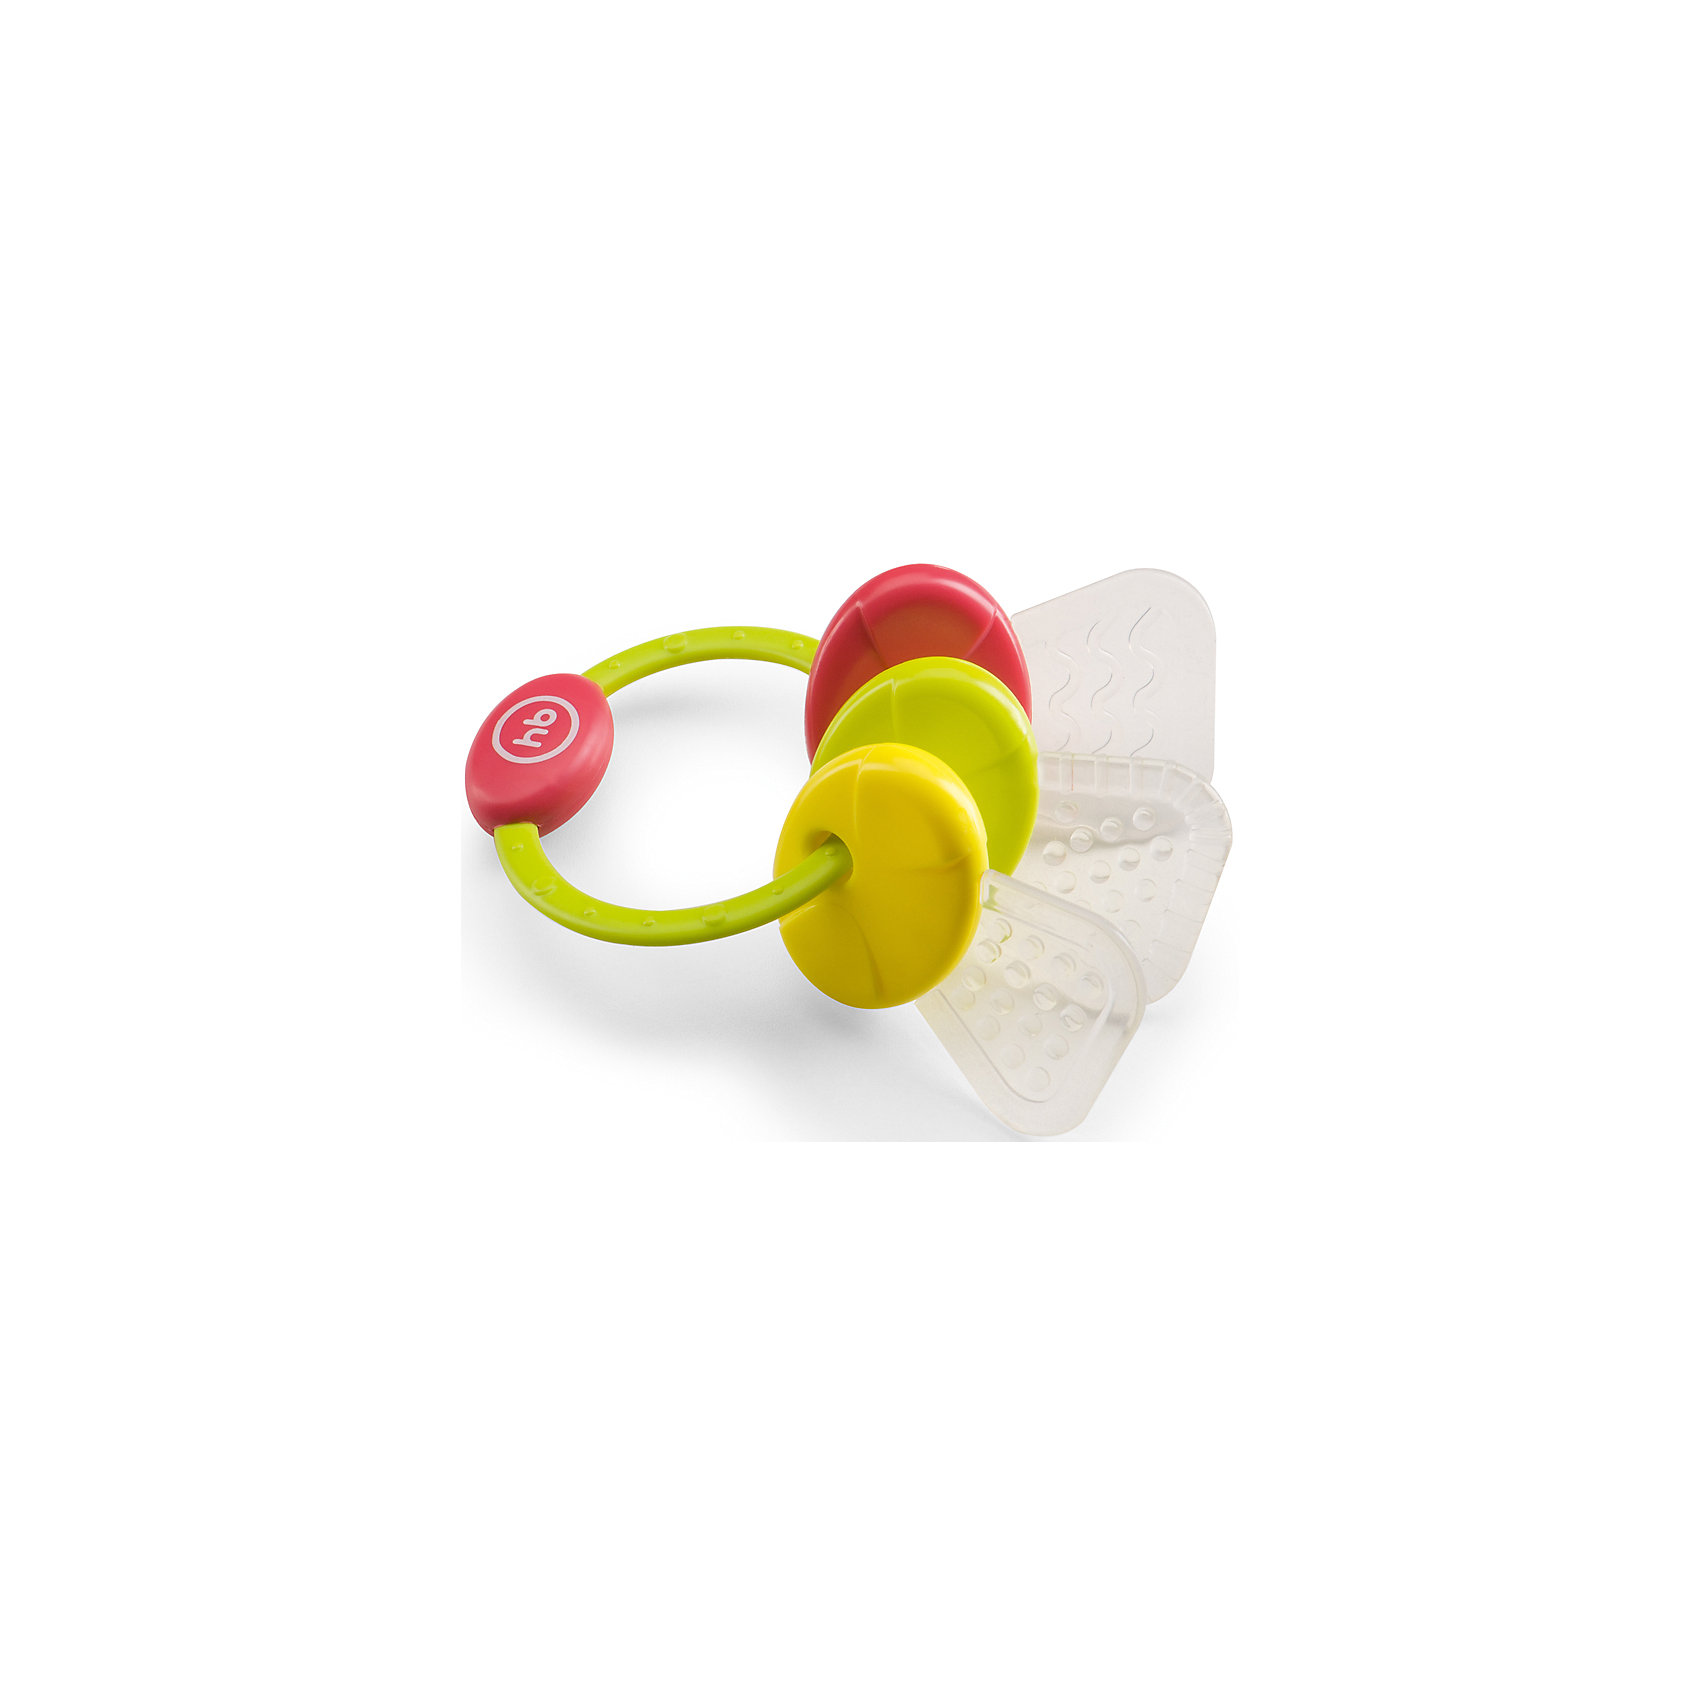 Прорезыватель с 4 мес., Happy Baby, красныйПогремушка-прорезыватель Happy Baby имеет удобную форму и разнофактурную поверхность, которая эффективно массирует десны ребенка, проникает в труднодоступные места ротовой полости и уменьшает дискомфорт при появлении зубов. Подвижные детали имеют удобную форму для ручек ребёнка. Погремушка-прорезыватель способствует развитию слуха, концентрации внимания, мелкой моторики и цветового восприятия. Не содержит Бисфенол-А.<br><br>Дополнительная информация: <br><br>- возраст: с 4 месяцев<br>- материал: полипропилен, силикон<br><br>Прорезыватель с 4 мес., Happy Baby, красный можно купить в нашем интернет-магазине.<br><br>Ширина мм: 60<br>Глубина мм: 110<br>Высота мм: 150<br>Вес г: 106<br>Возраст от месяцев: 4<br>Возраст до месяцев: 9<br>Пол: Унисекс<br>Возраст: Детский<br>SKU: 4696853